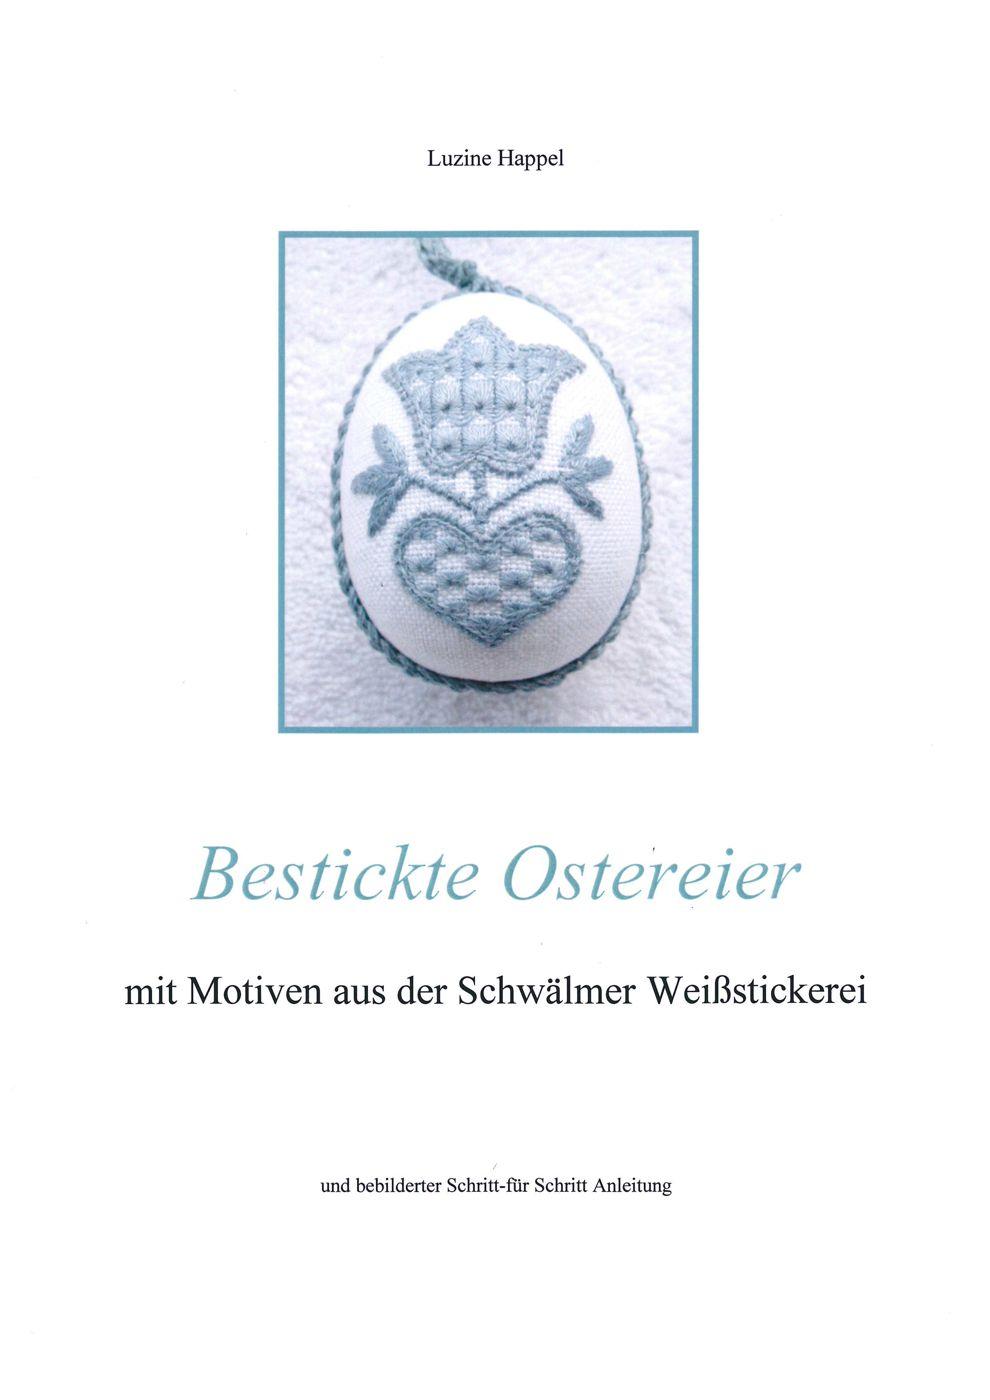 Bestickte Ostereier 1 / 2